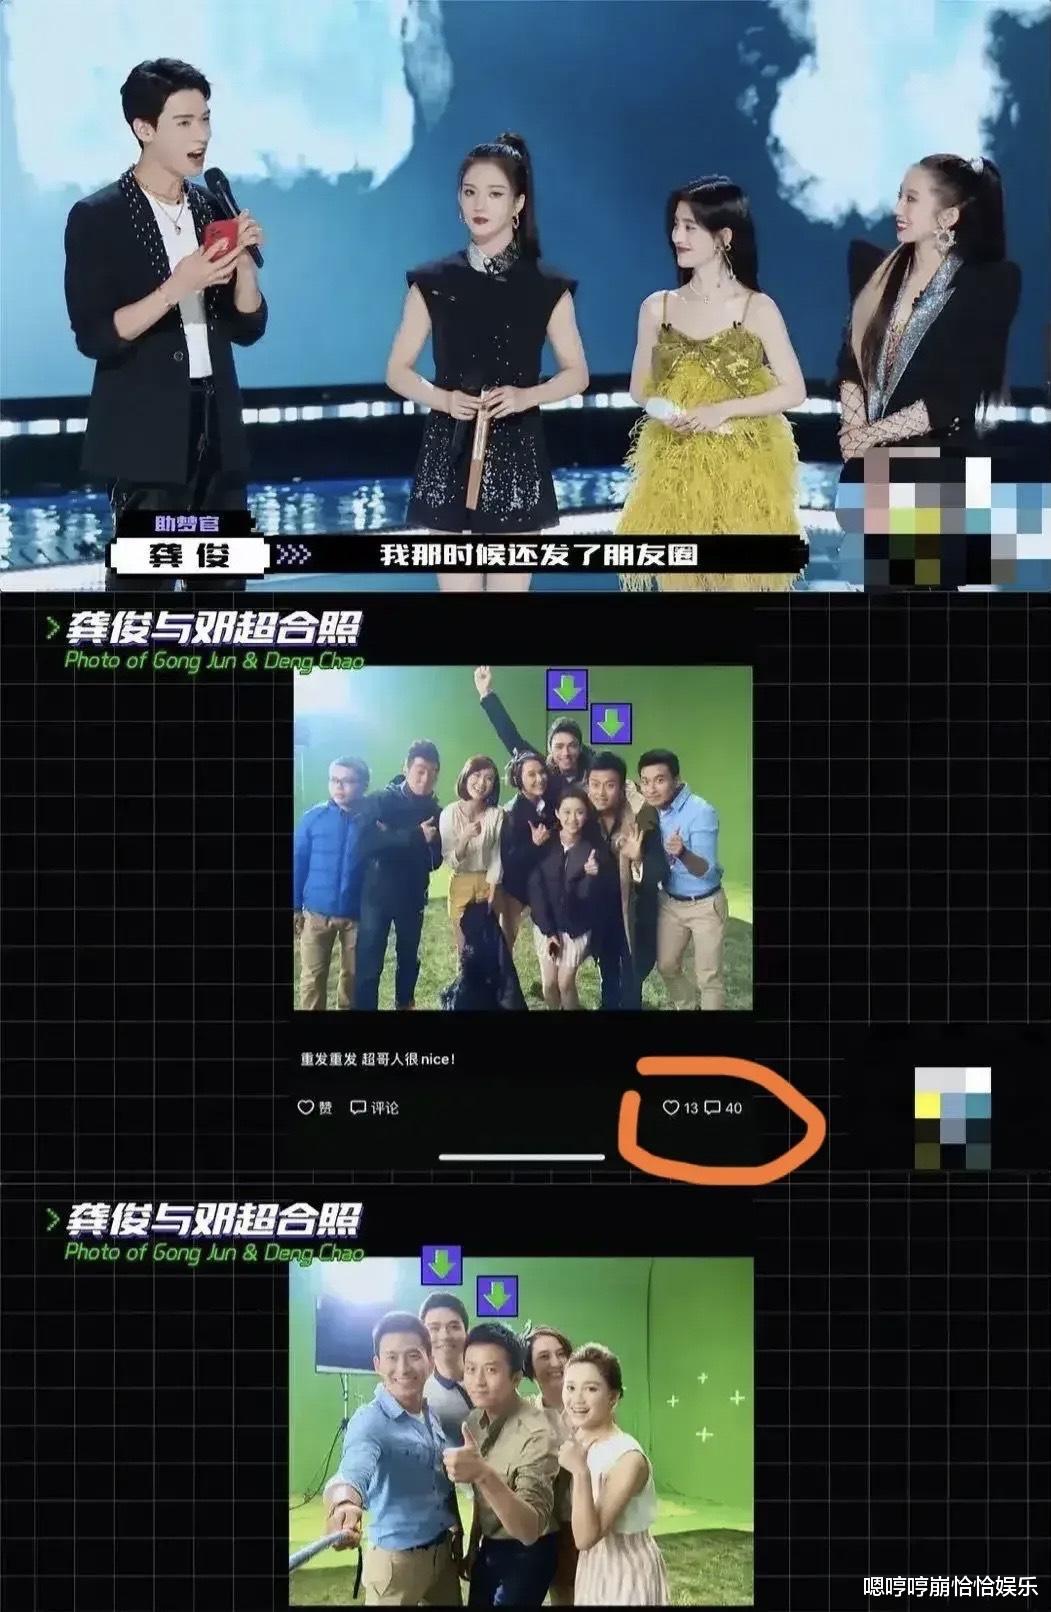 楊紫和丁禹兮等人的朋友圈,反映瞭娛樂圈的重要生存規則-圖6